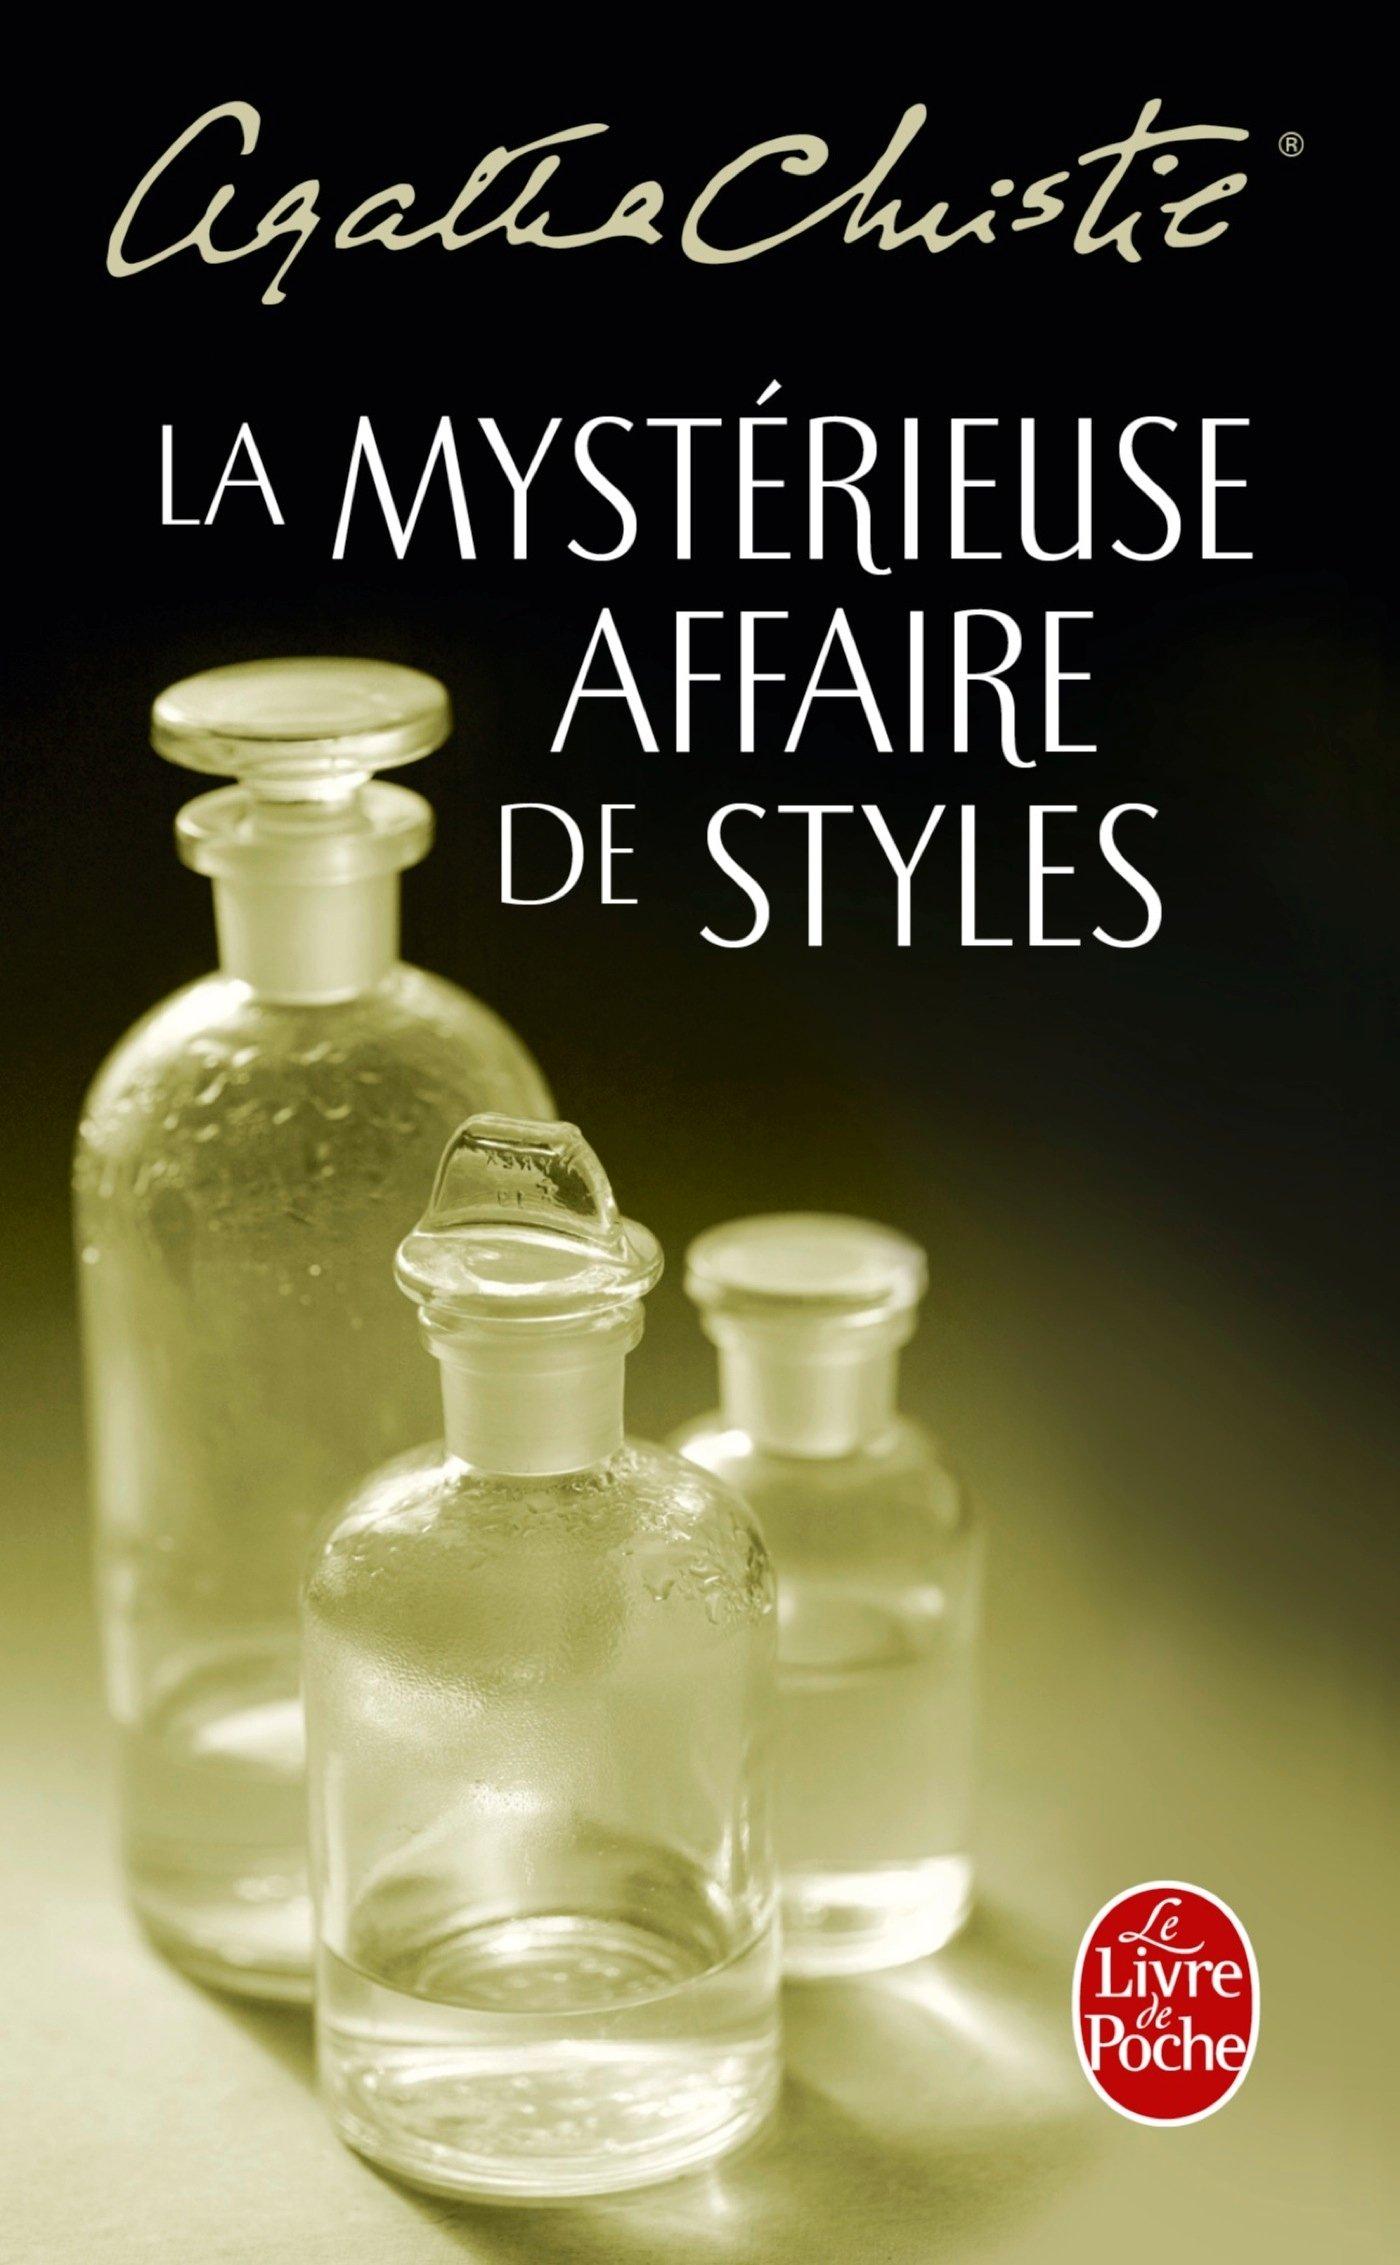 mysterieuse-affaire-de-styles